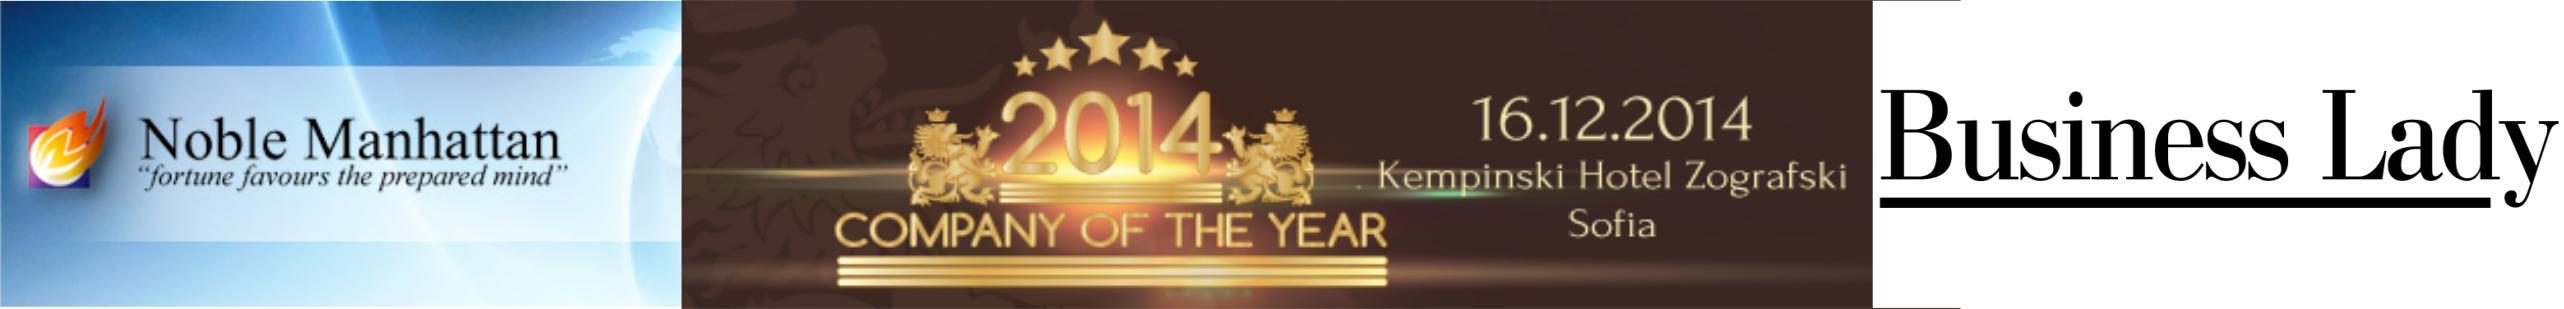 Company of the year award 9